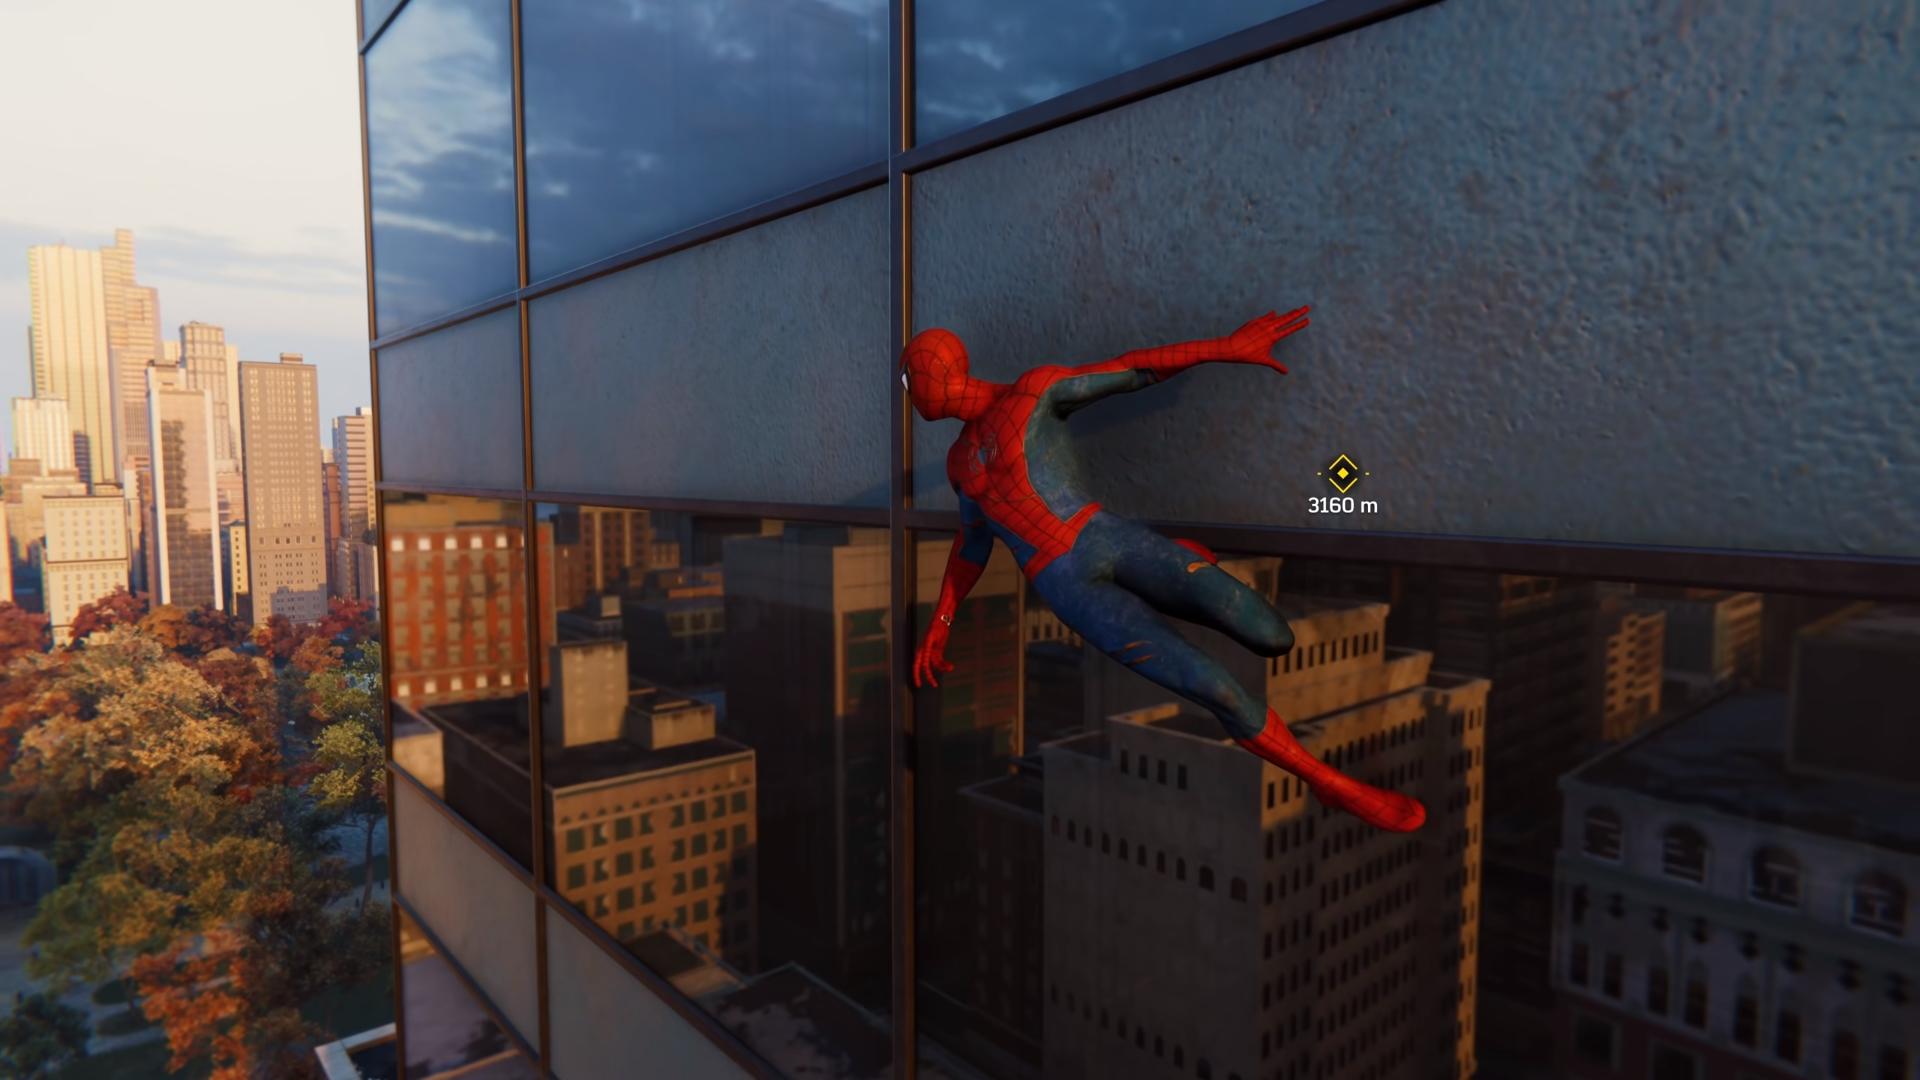 Spider-Man com downgrade? Digital Foundry contesta e diz que houve upgrade